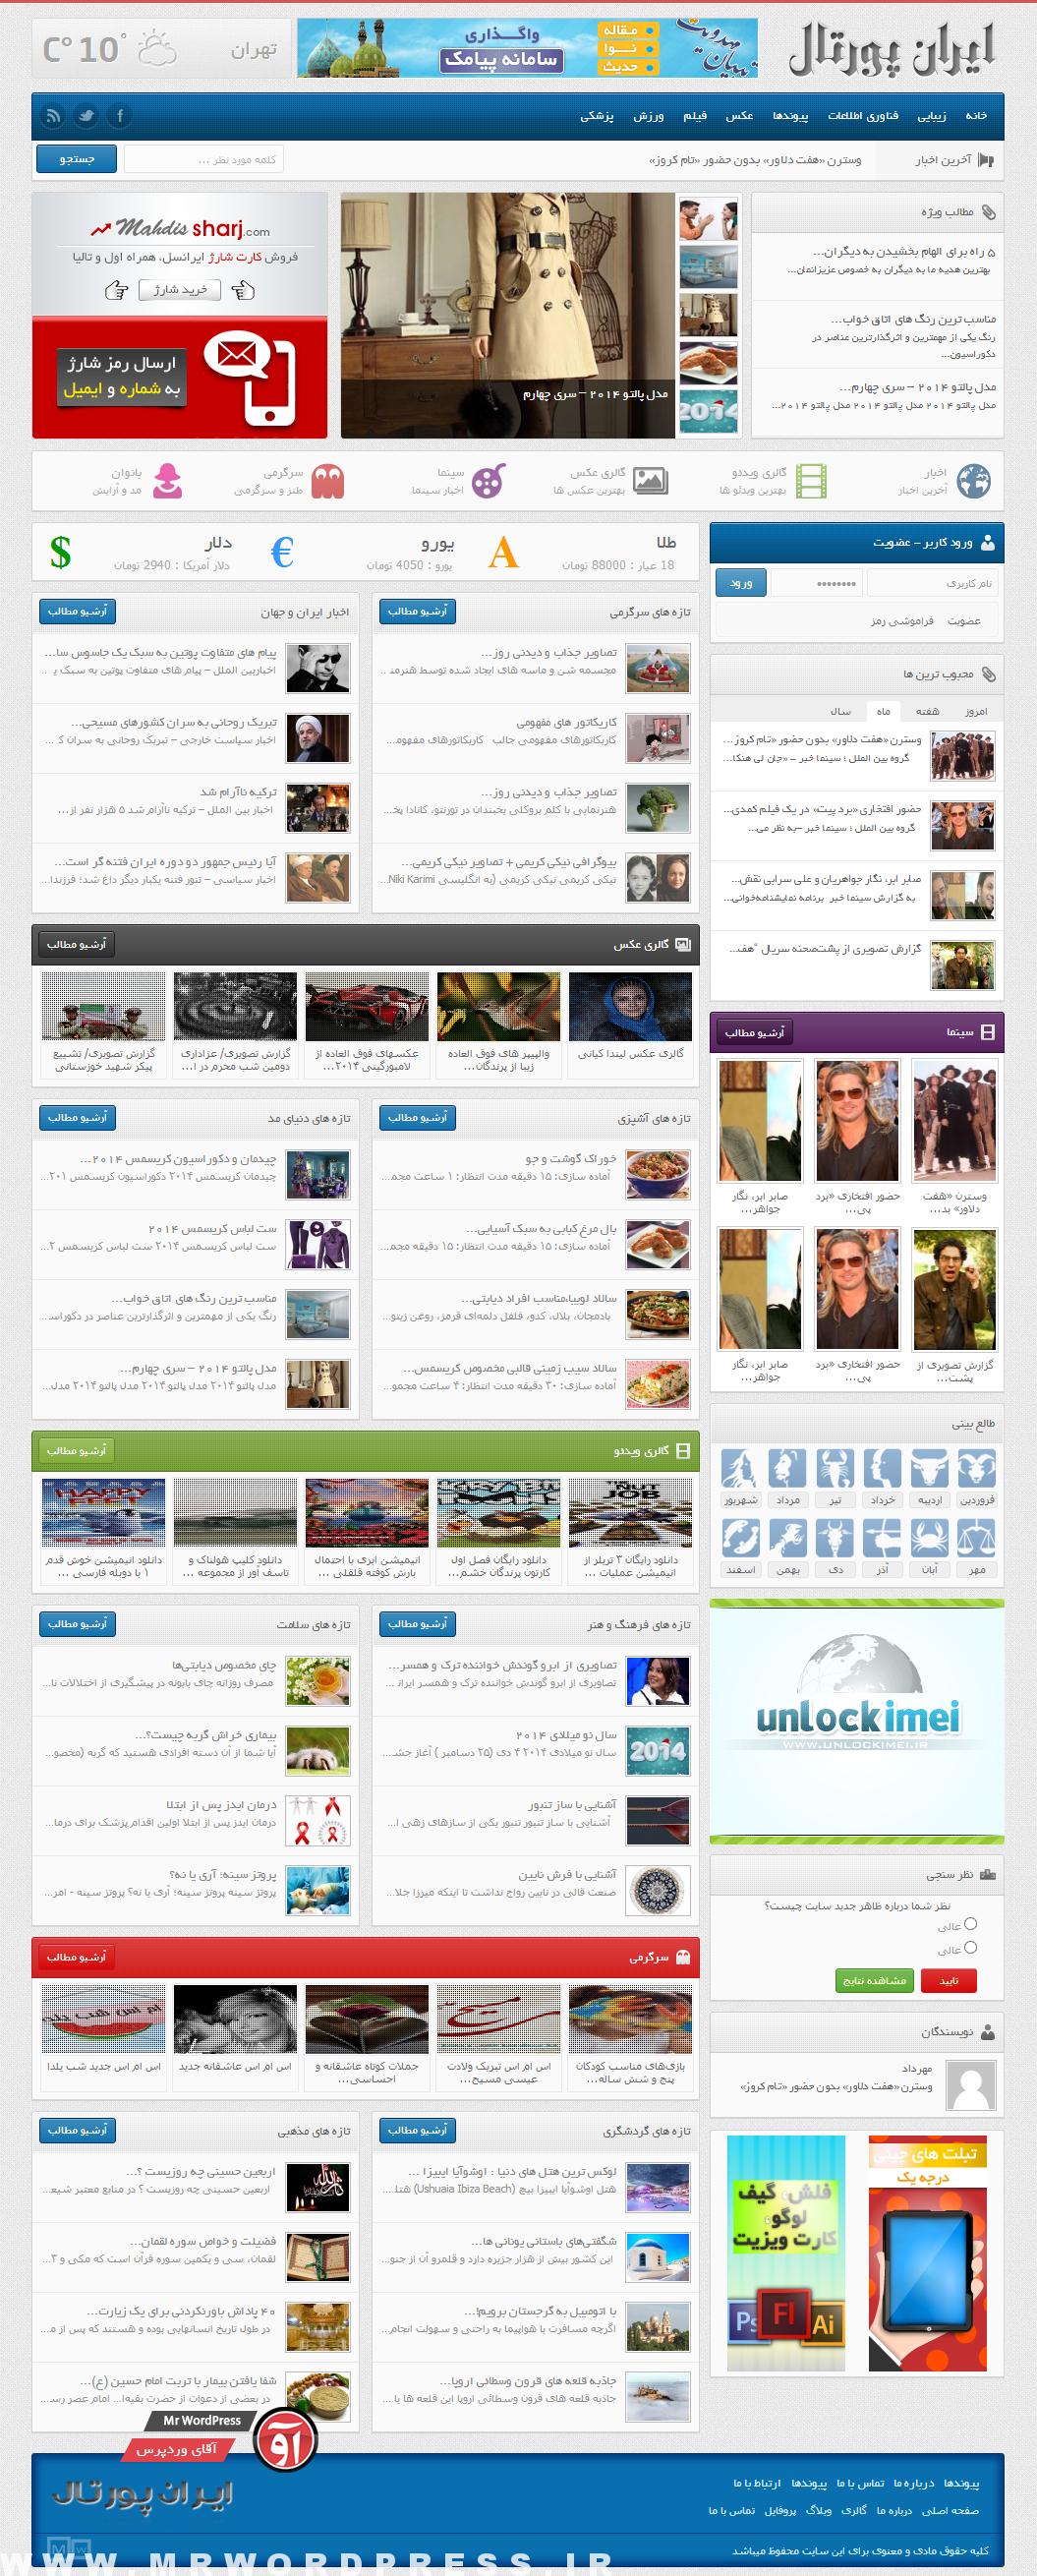 دانلود قالب وردپرس مجله و سرگرمی ایران پرتال